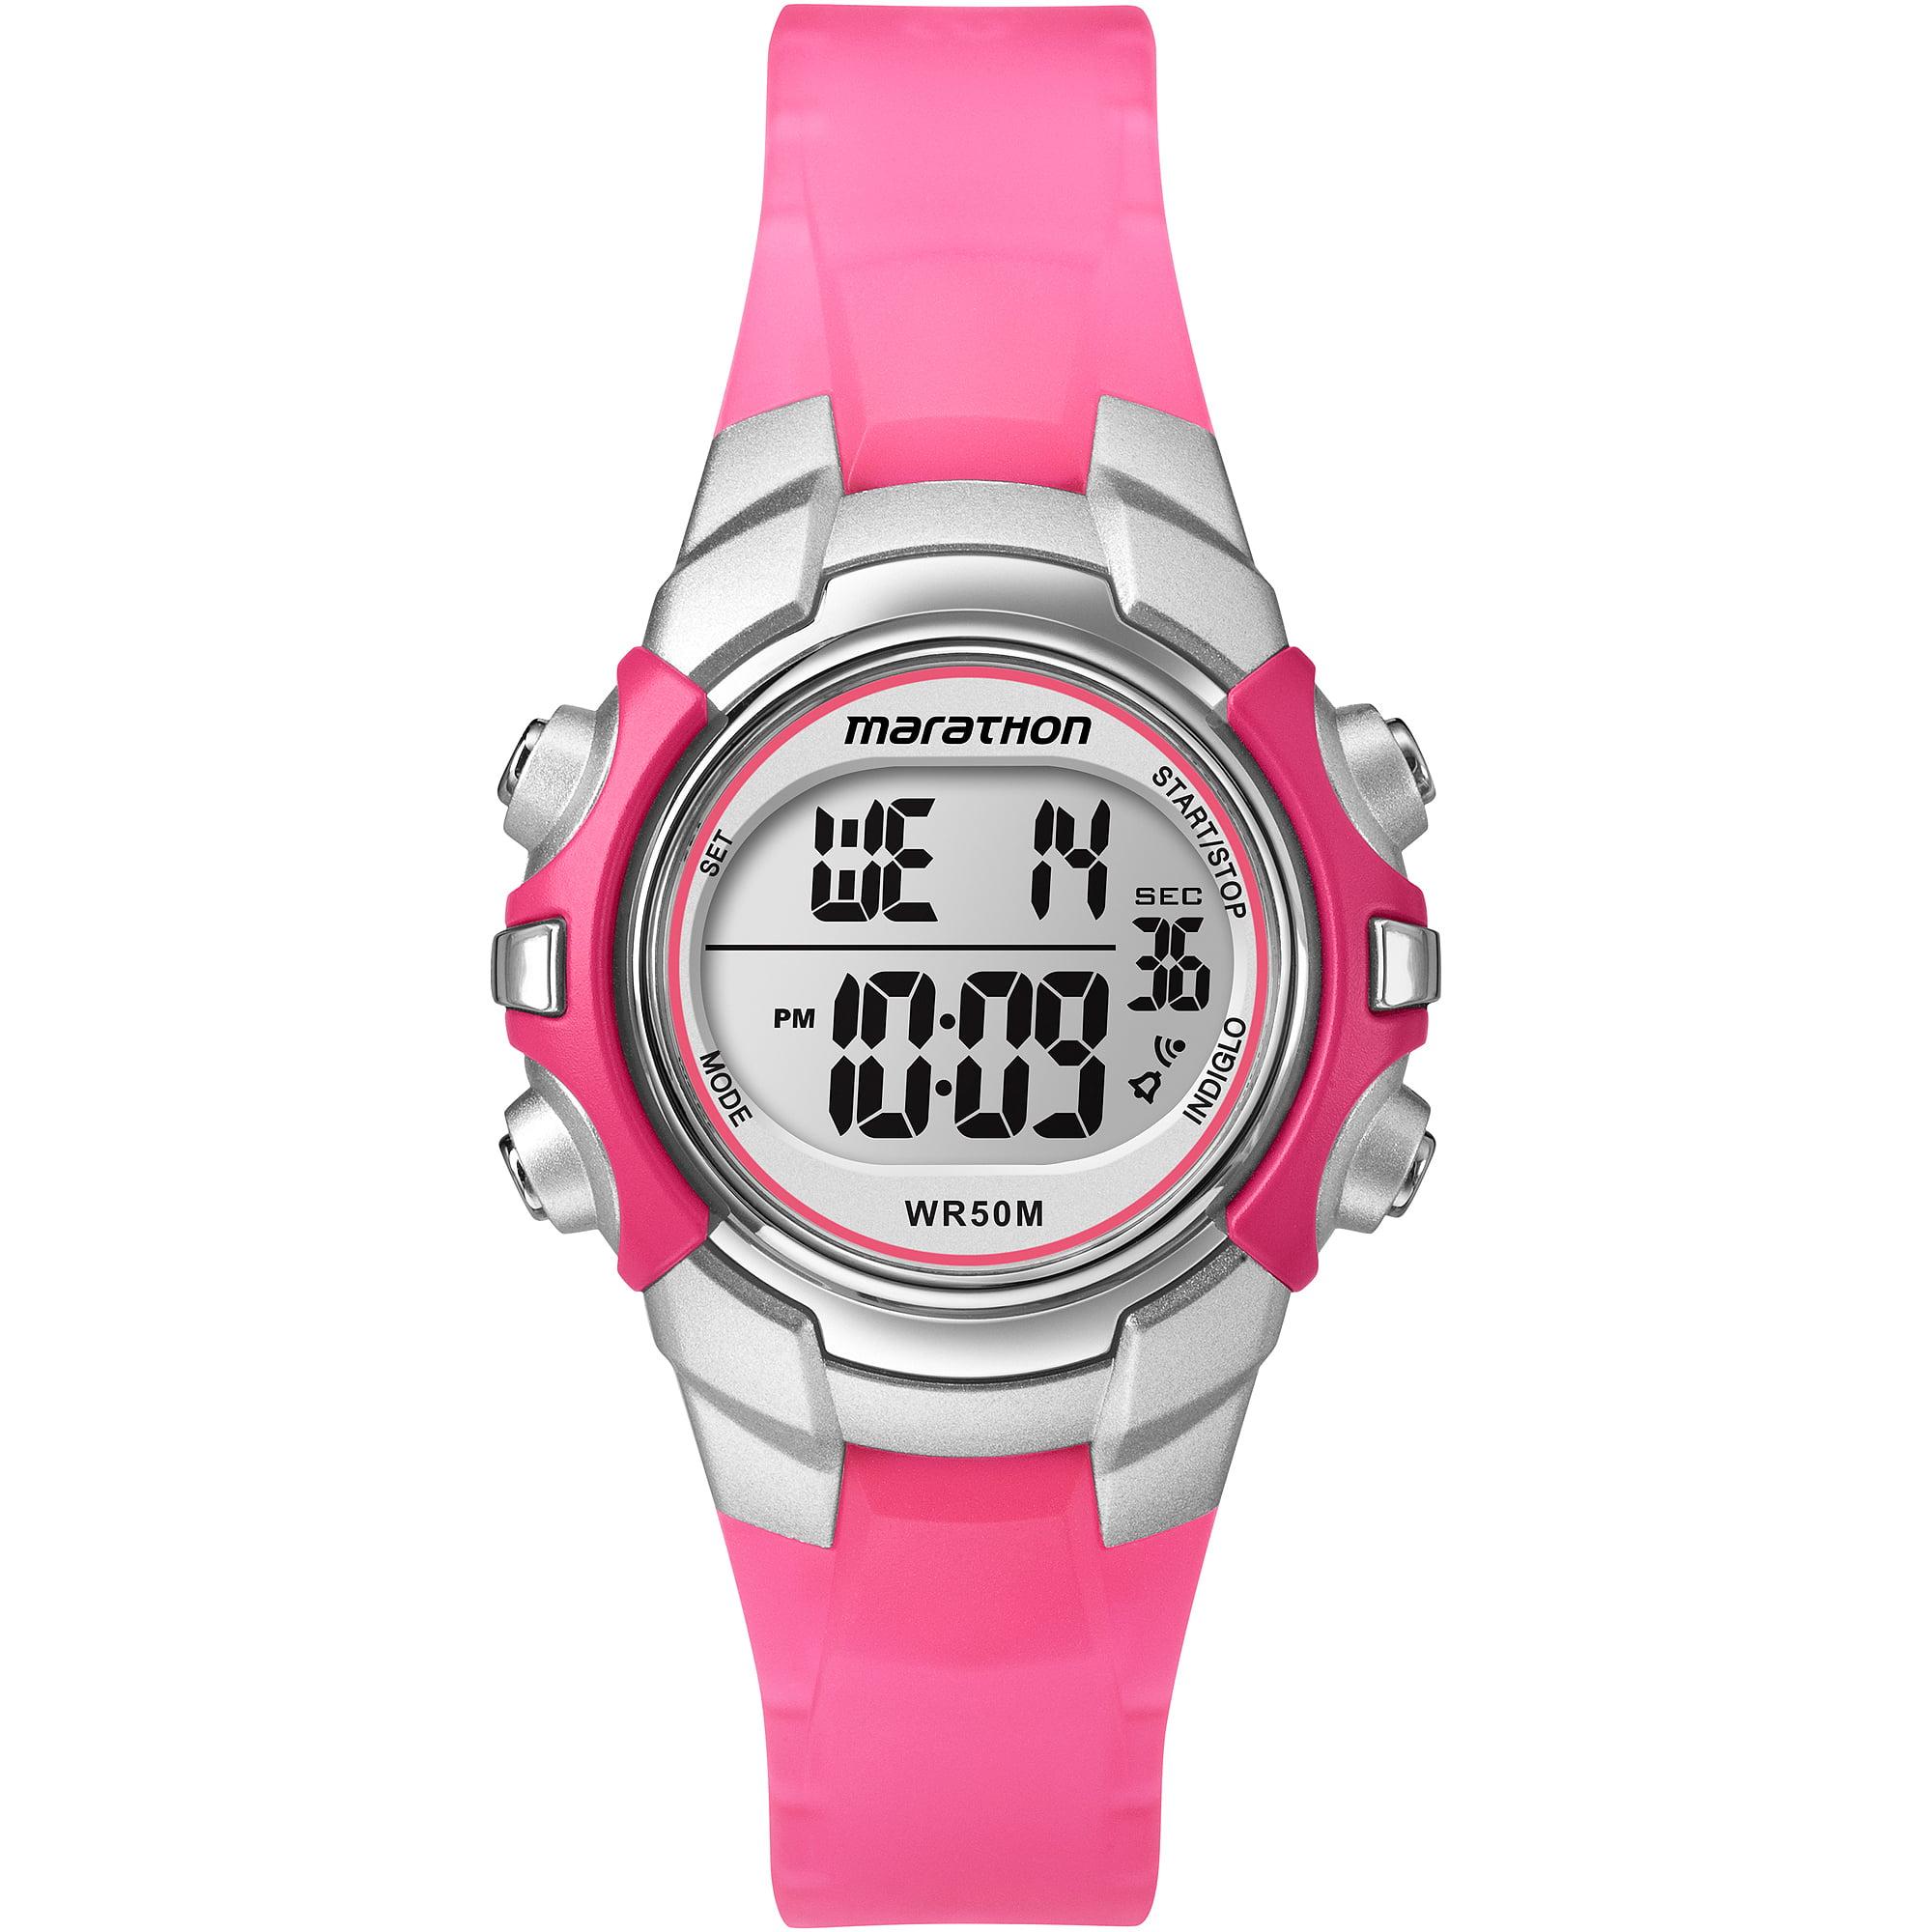 Marathon by Timex Unisex Digital Mid-Size Watch, Pink Resin Strap